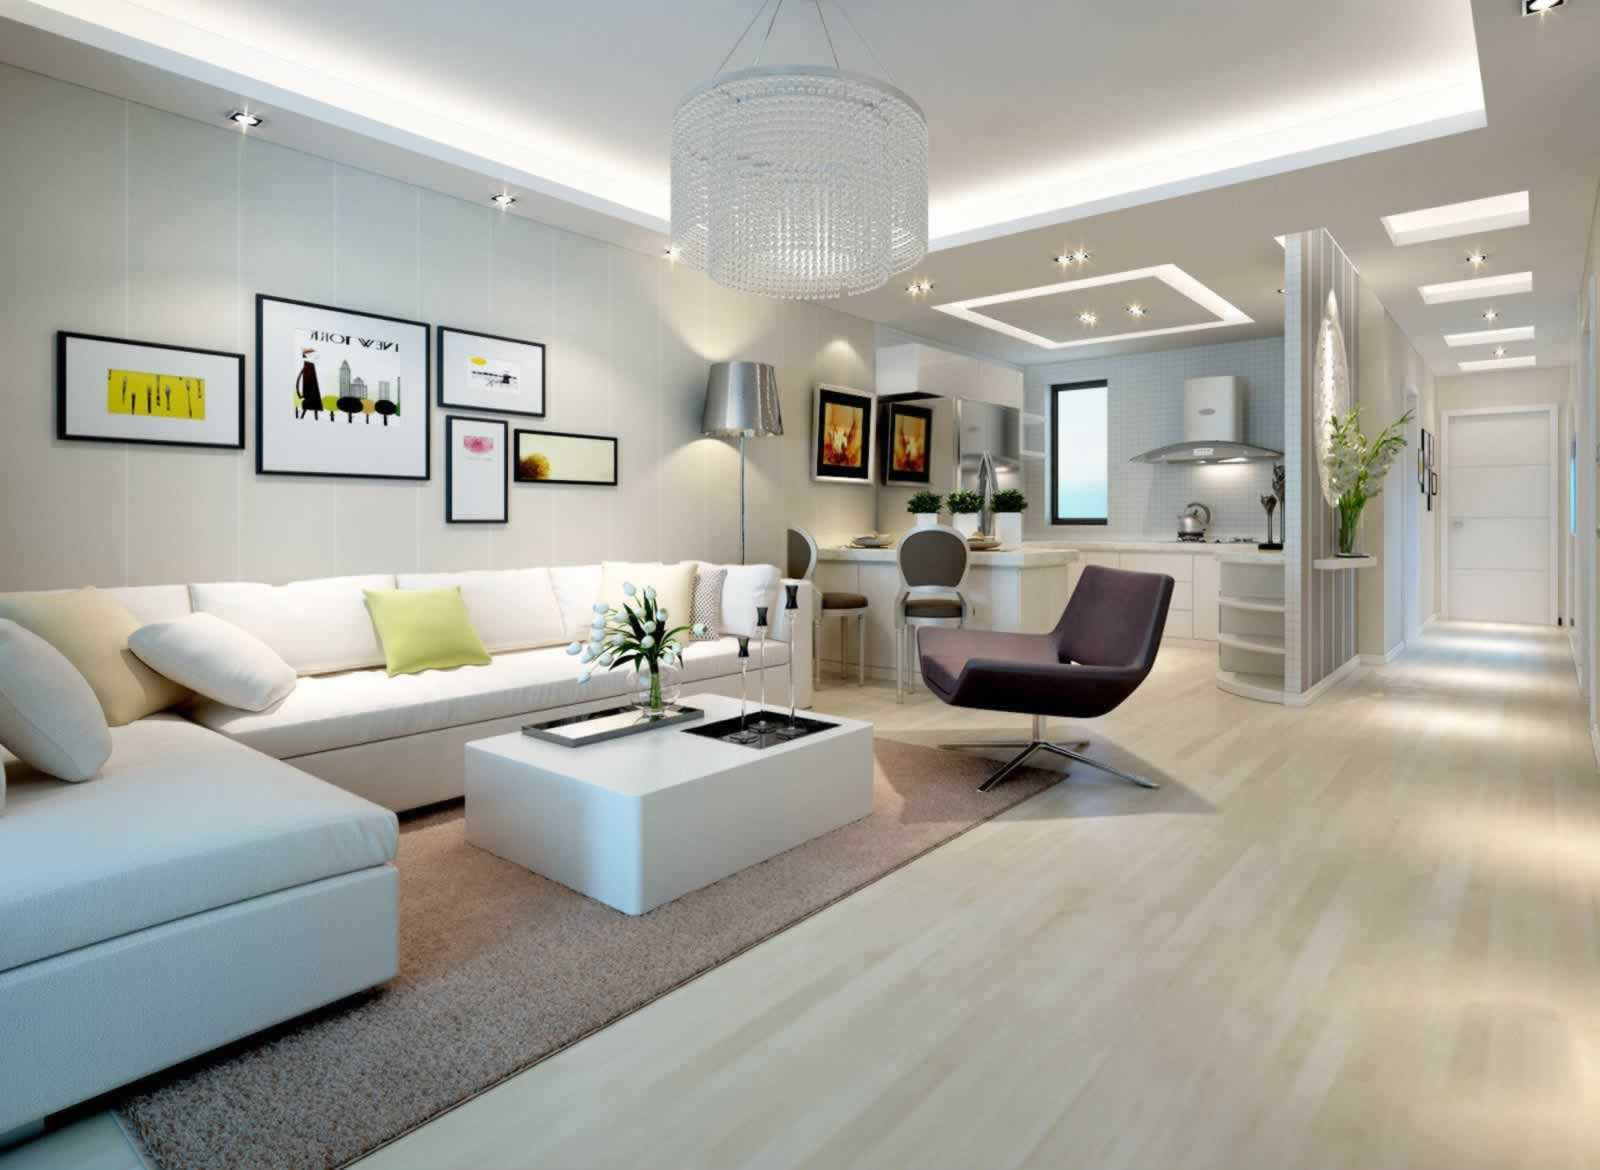 现代家居的客厅背景墙怎么设计?